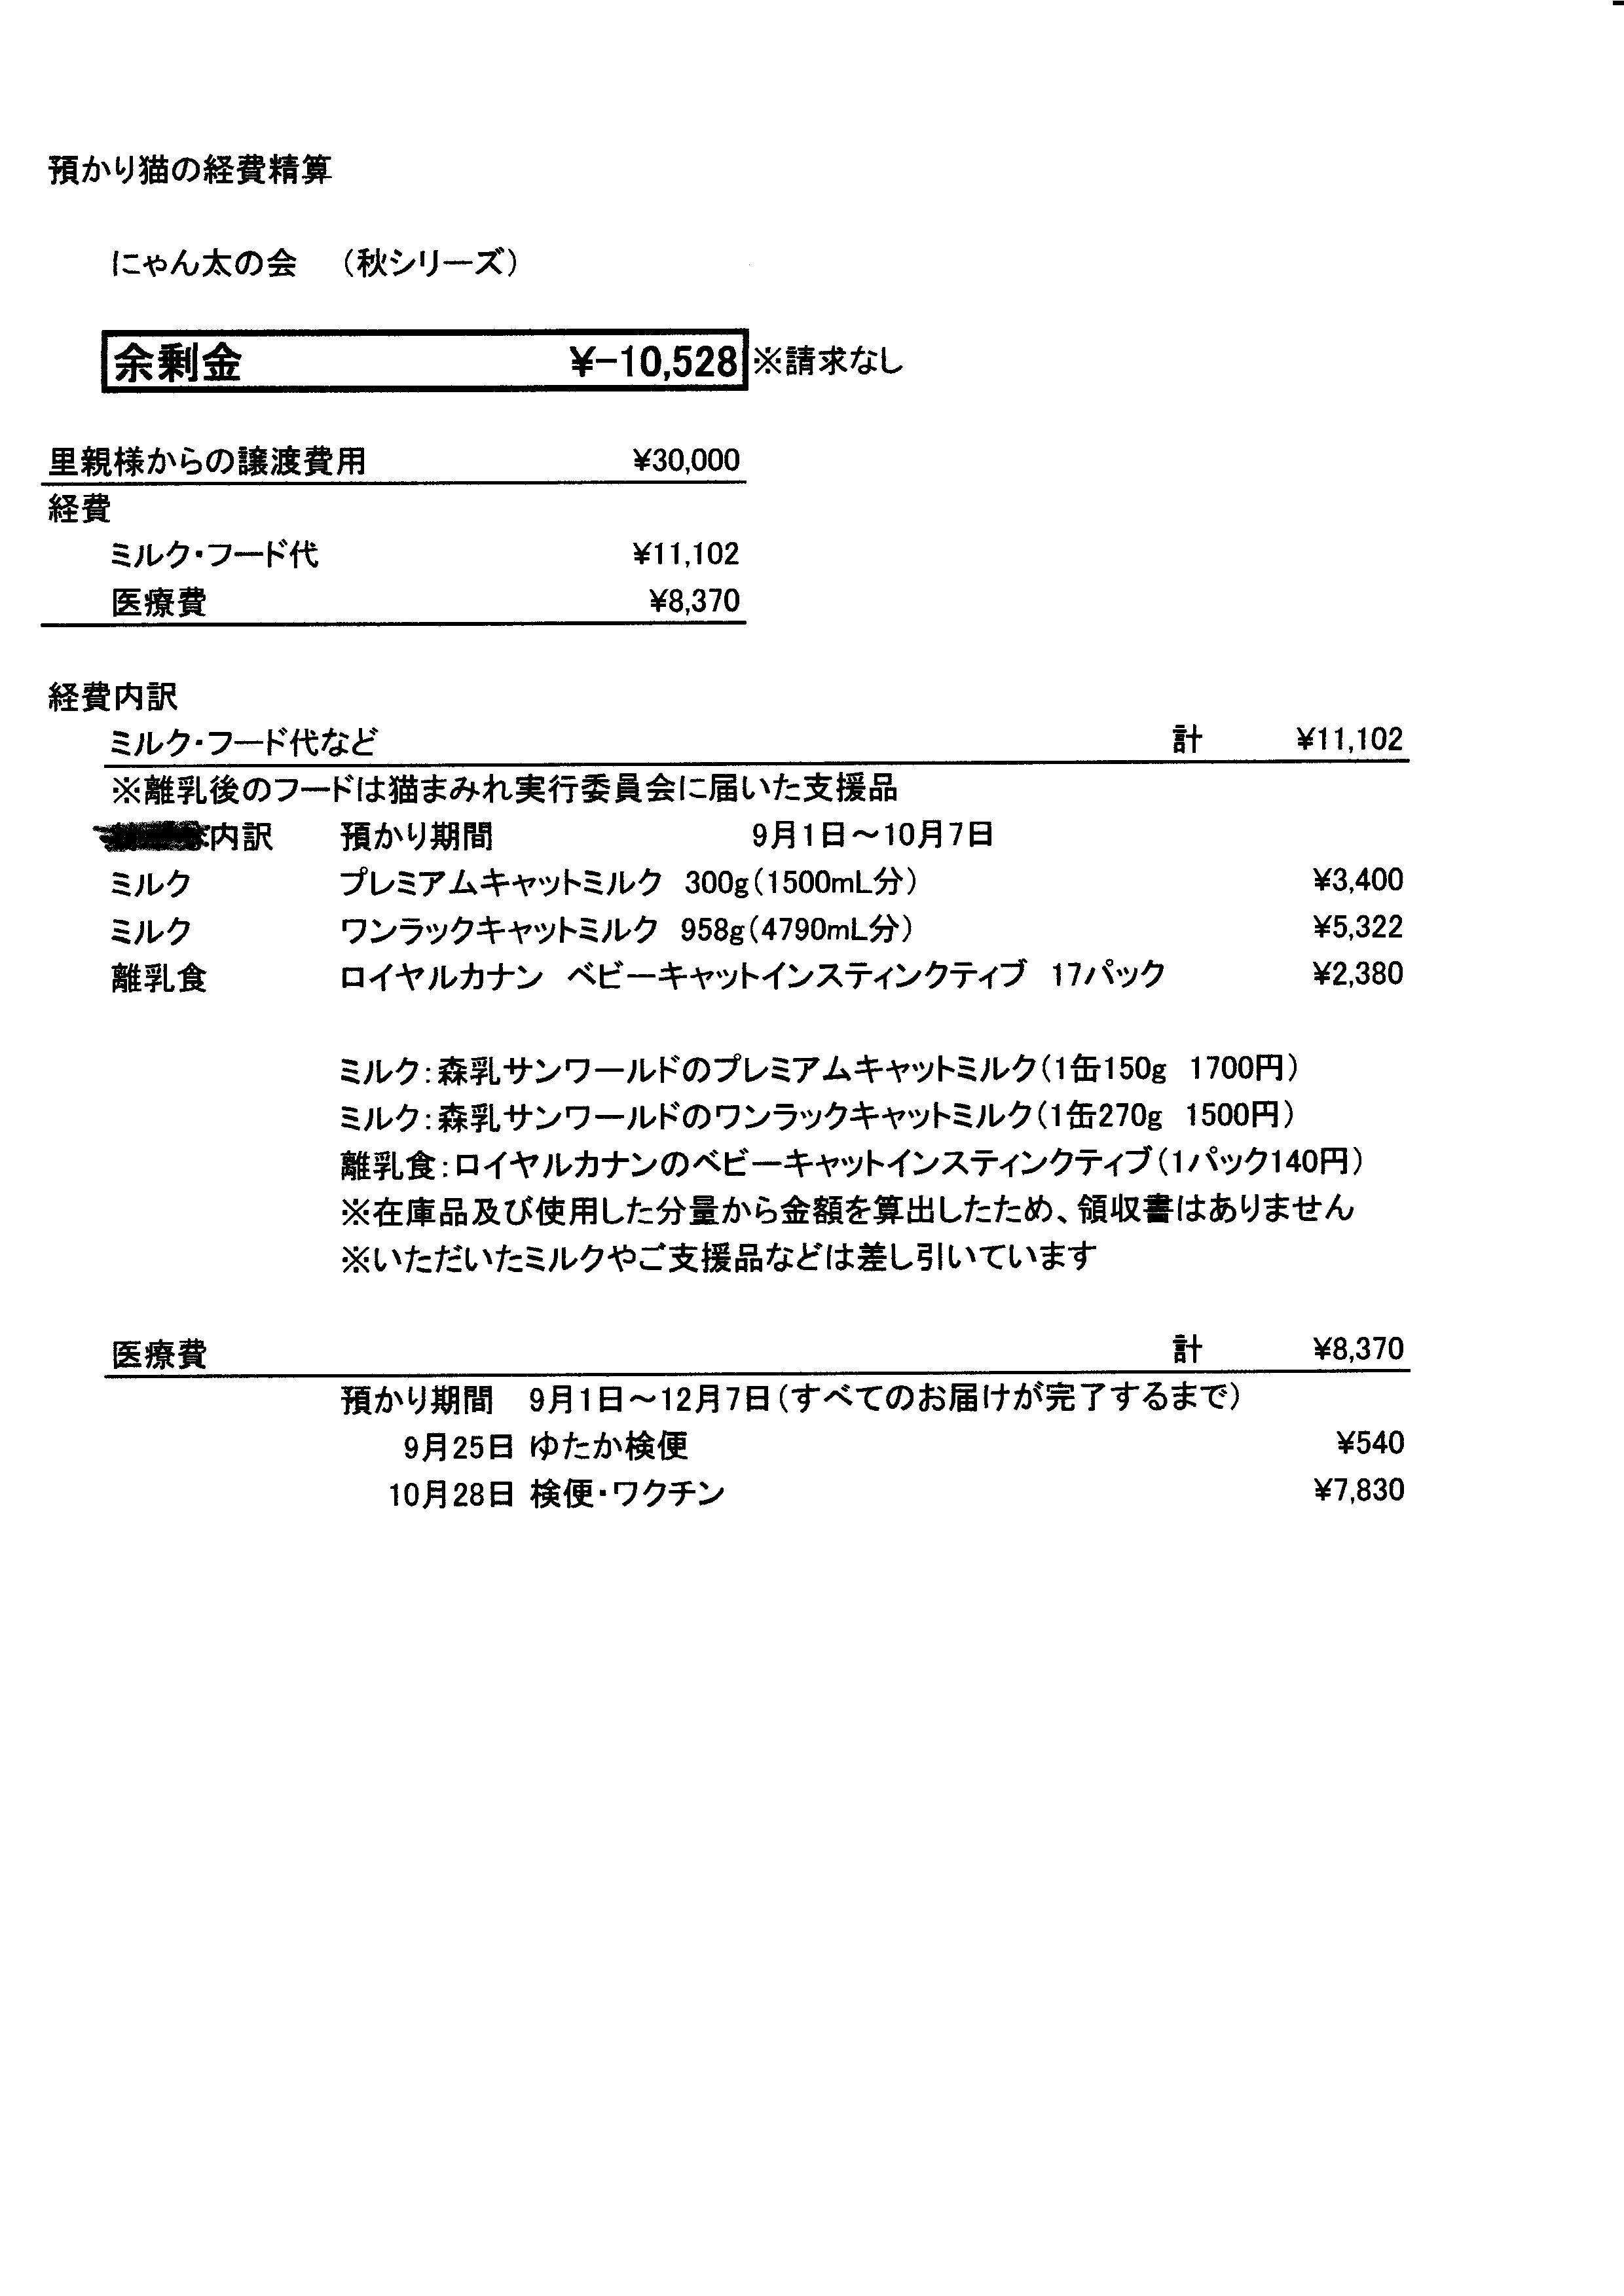 秋シリーズ経費精算